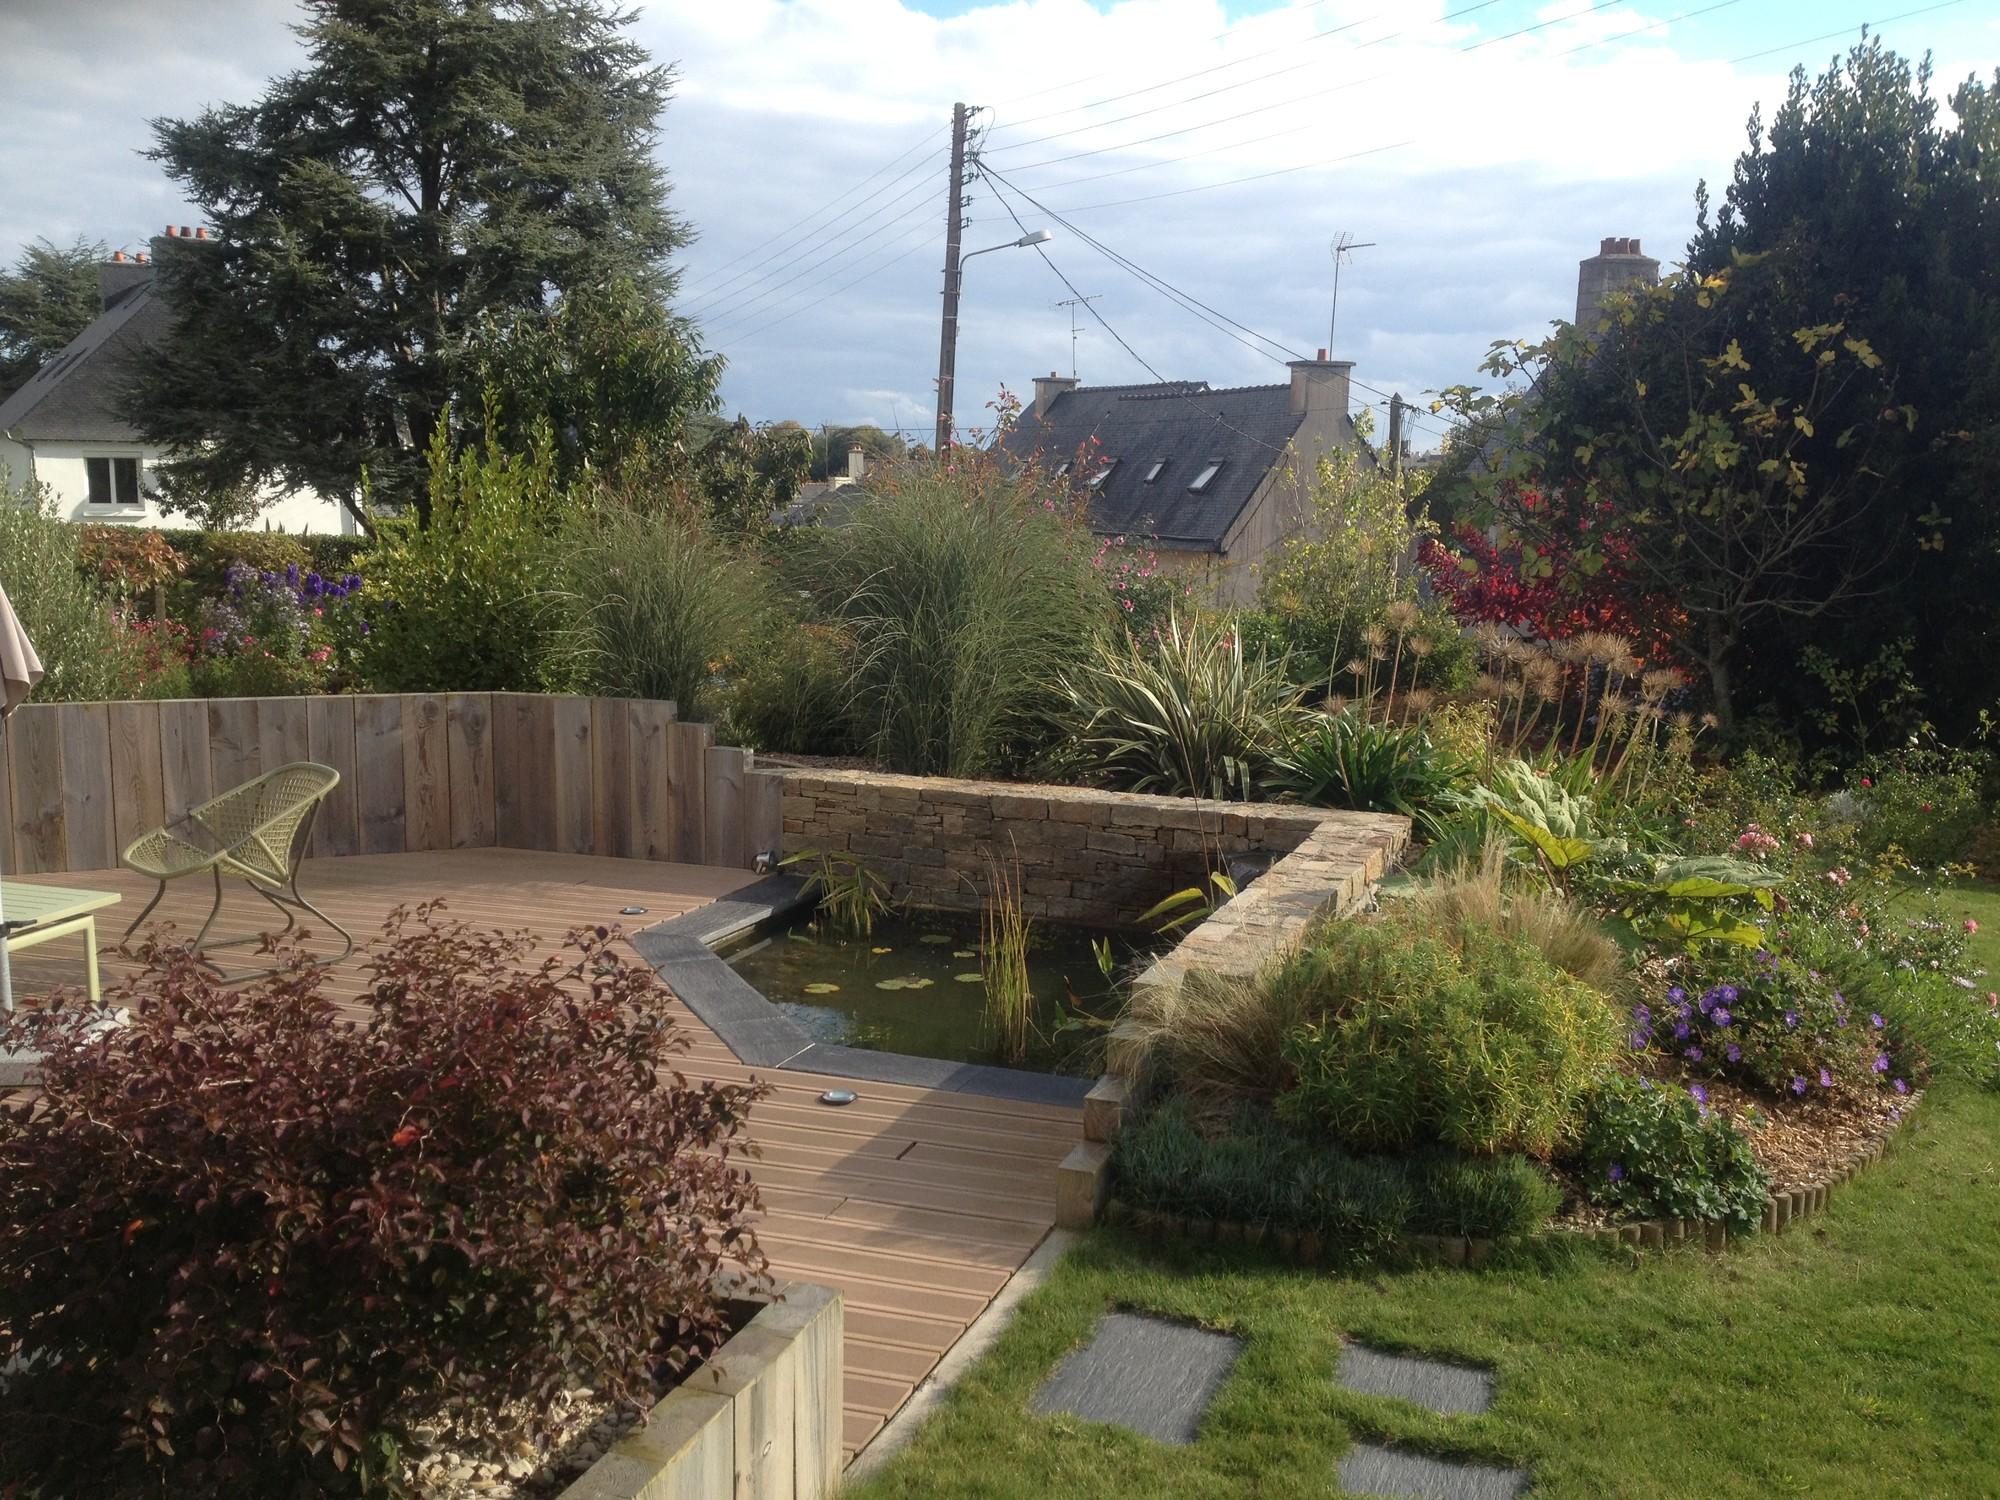 Comment Cacher Sa Terrasse création d'une terrasse intégrant un bassin, cacher le vis-à